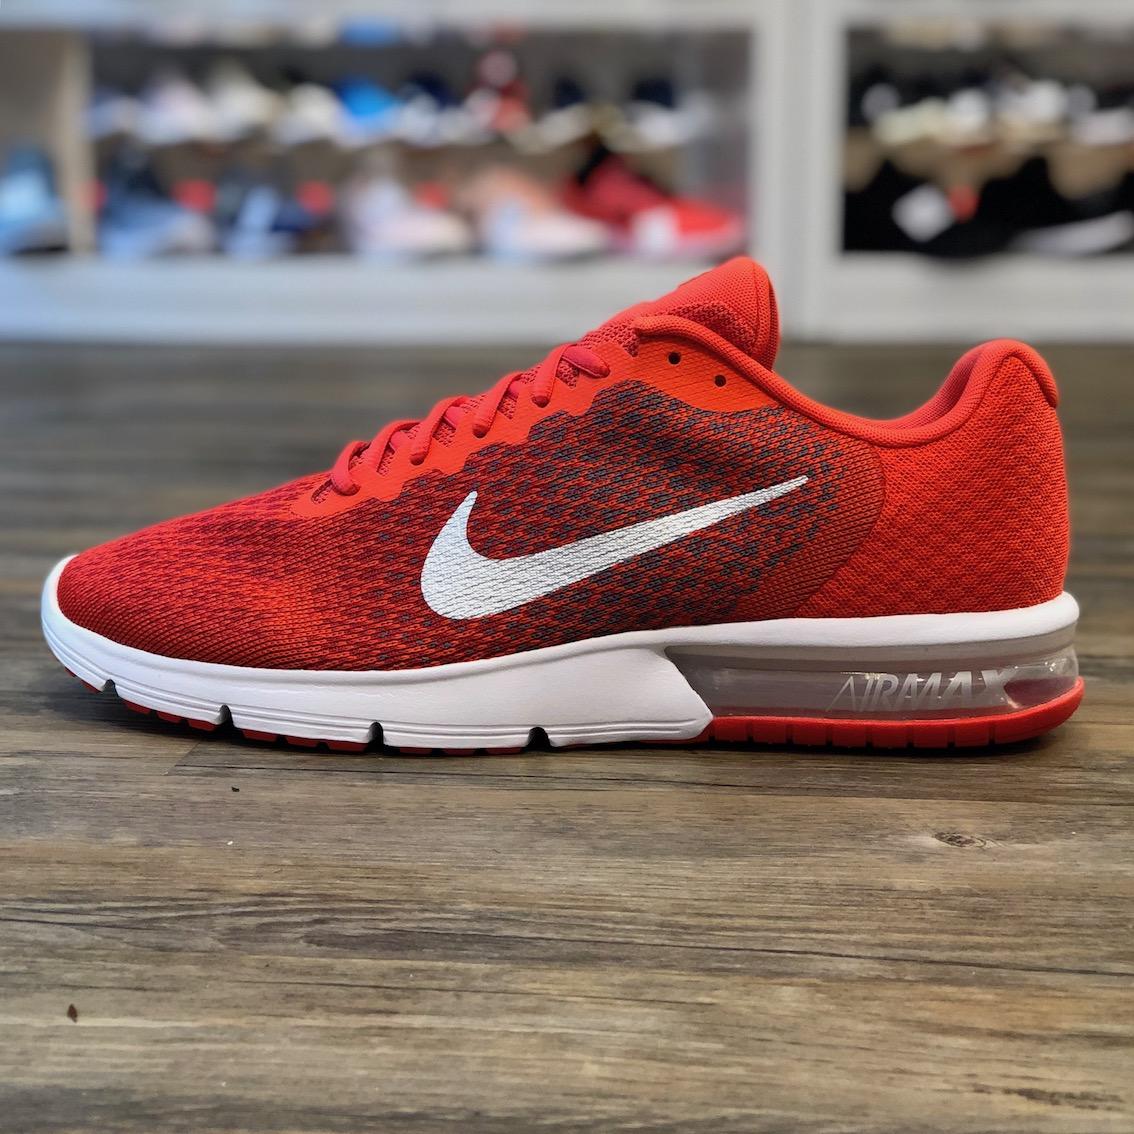 Détails sur Nike Air Max Sequent 2 Taille 49,5 Running Sneaker Rouge Chaussures 270 852461 800 afficher le titre d'origine